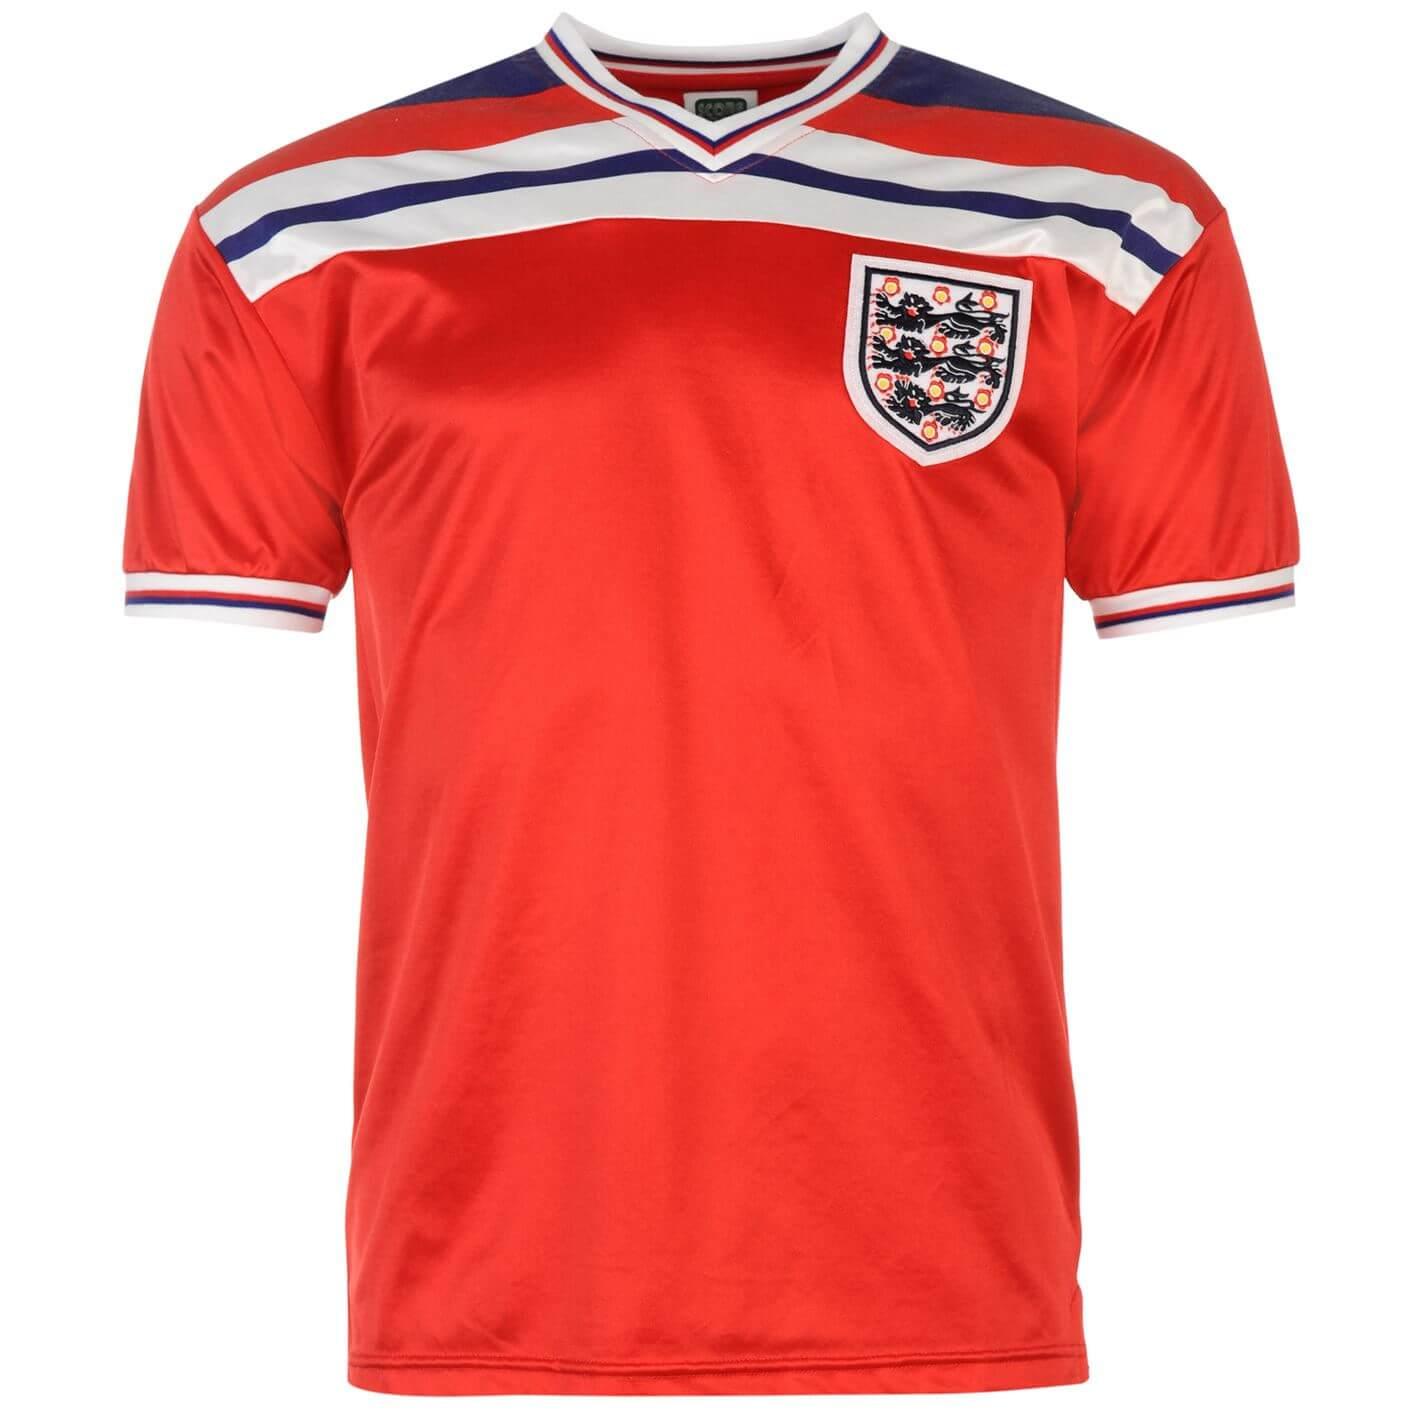 5ec1d5cf6bf Buy Classic Football Shirts